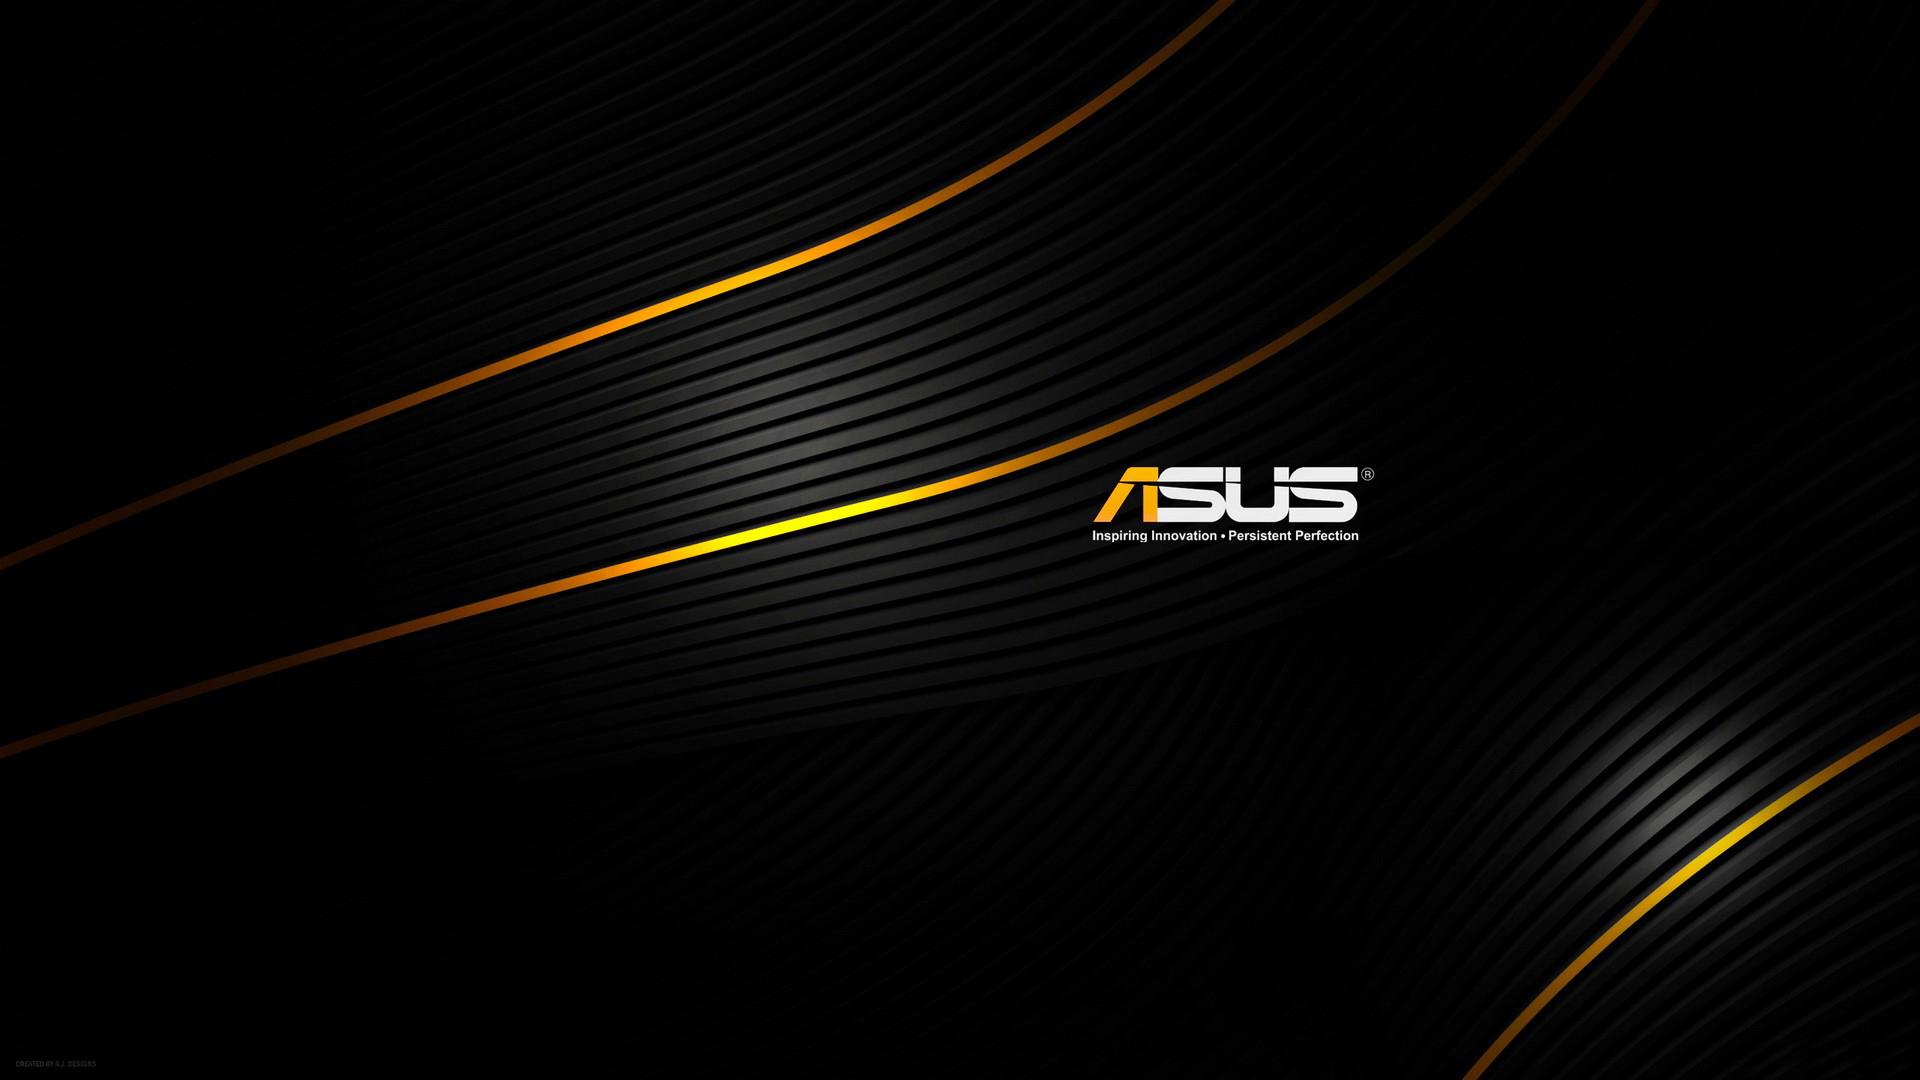 Cool Asus Logo 6991695 1920x1080